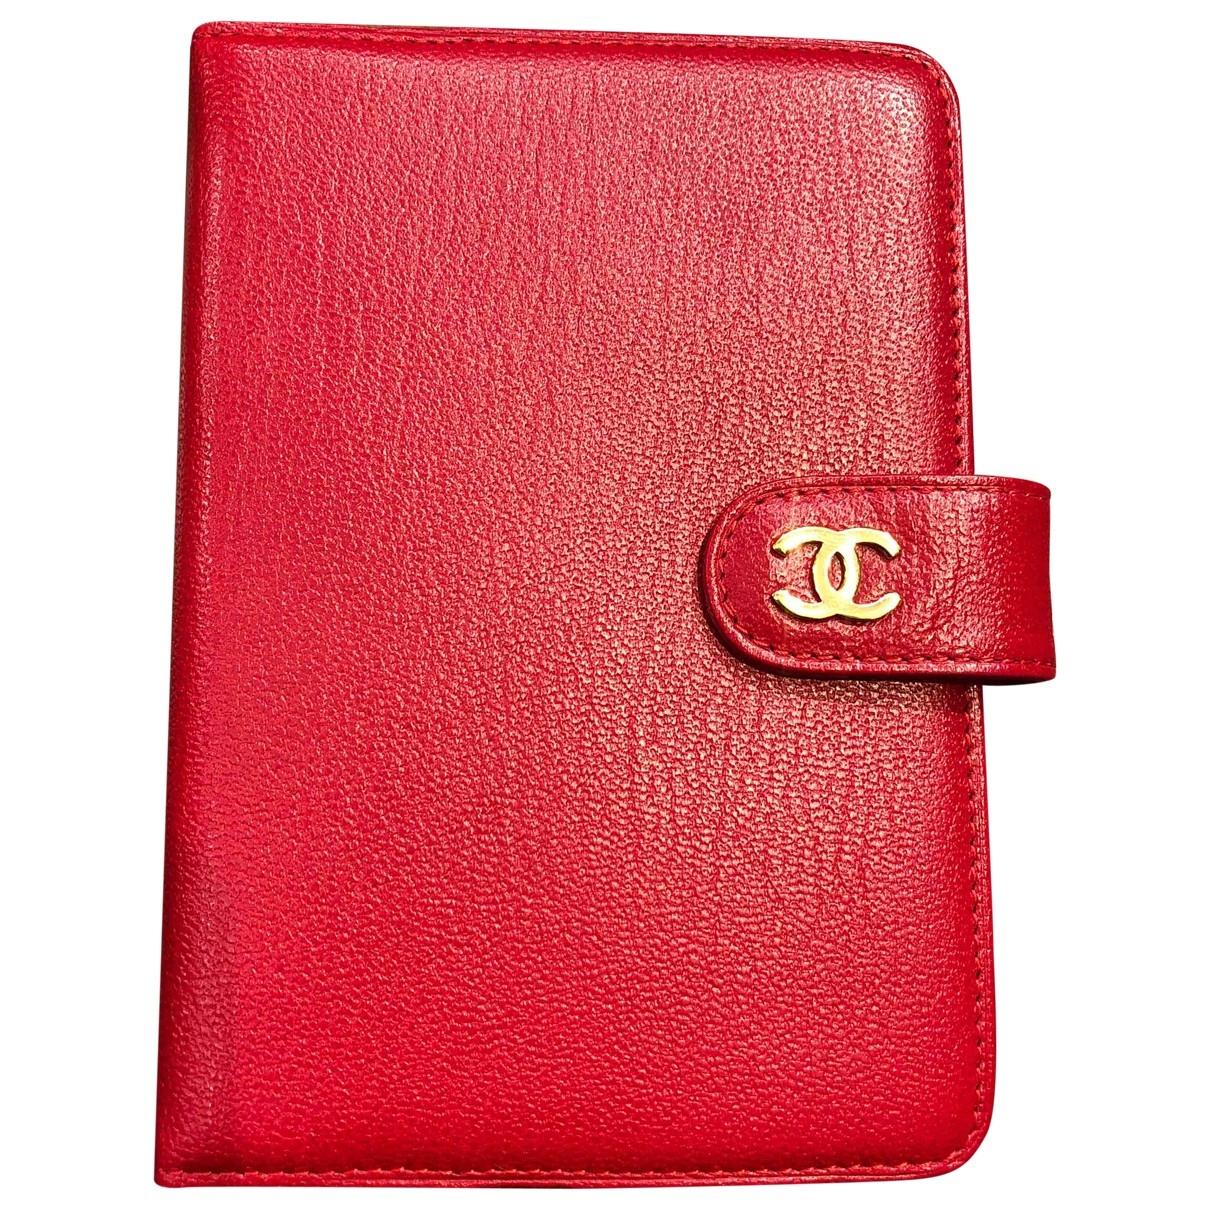 Chanel - Objets & Deco Timeless/Classique pour lifestyle en cuir - rouge